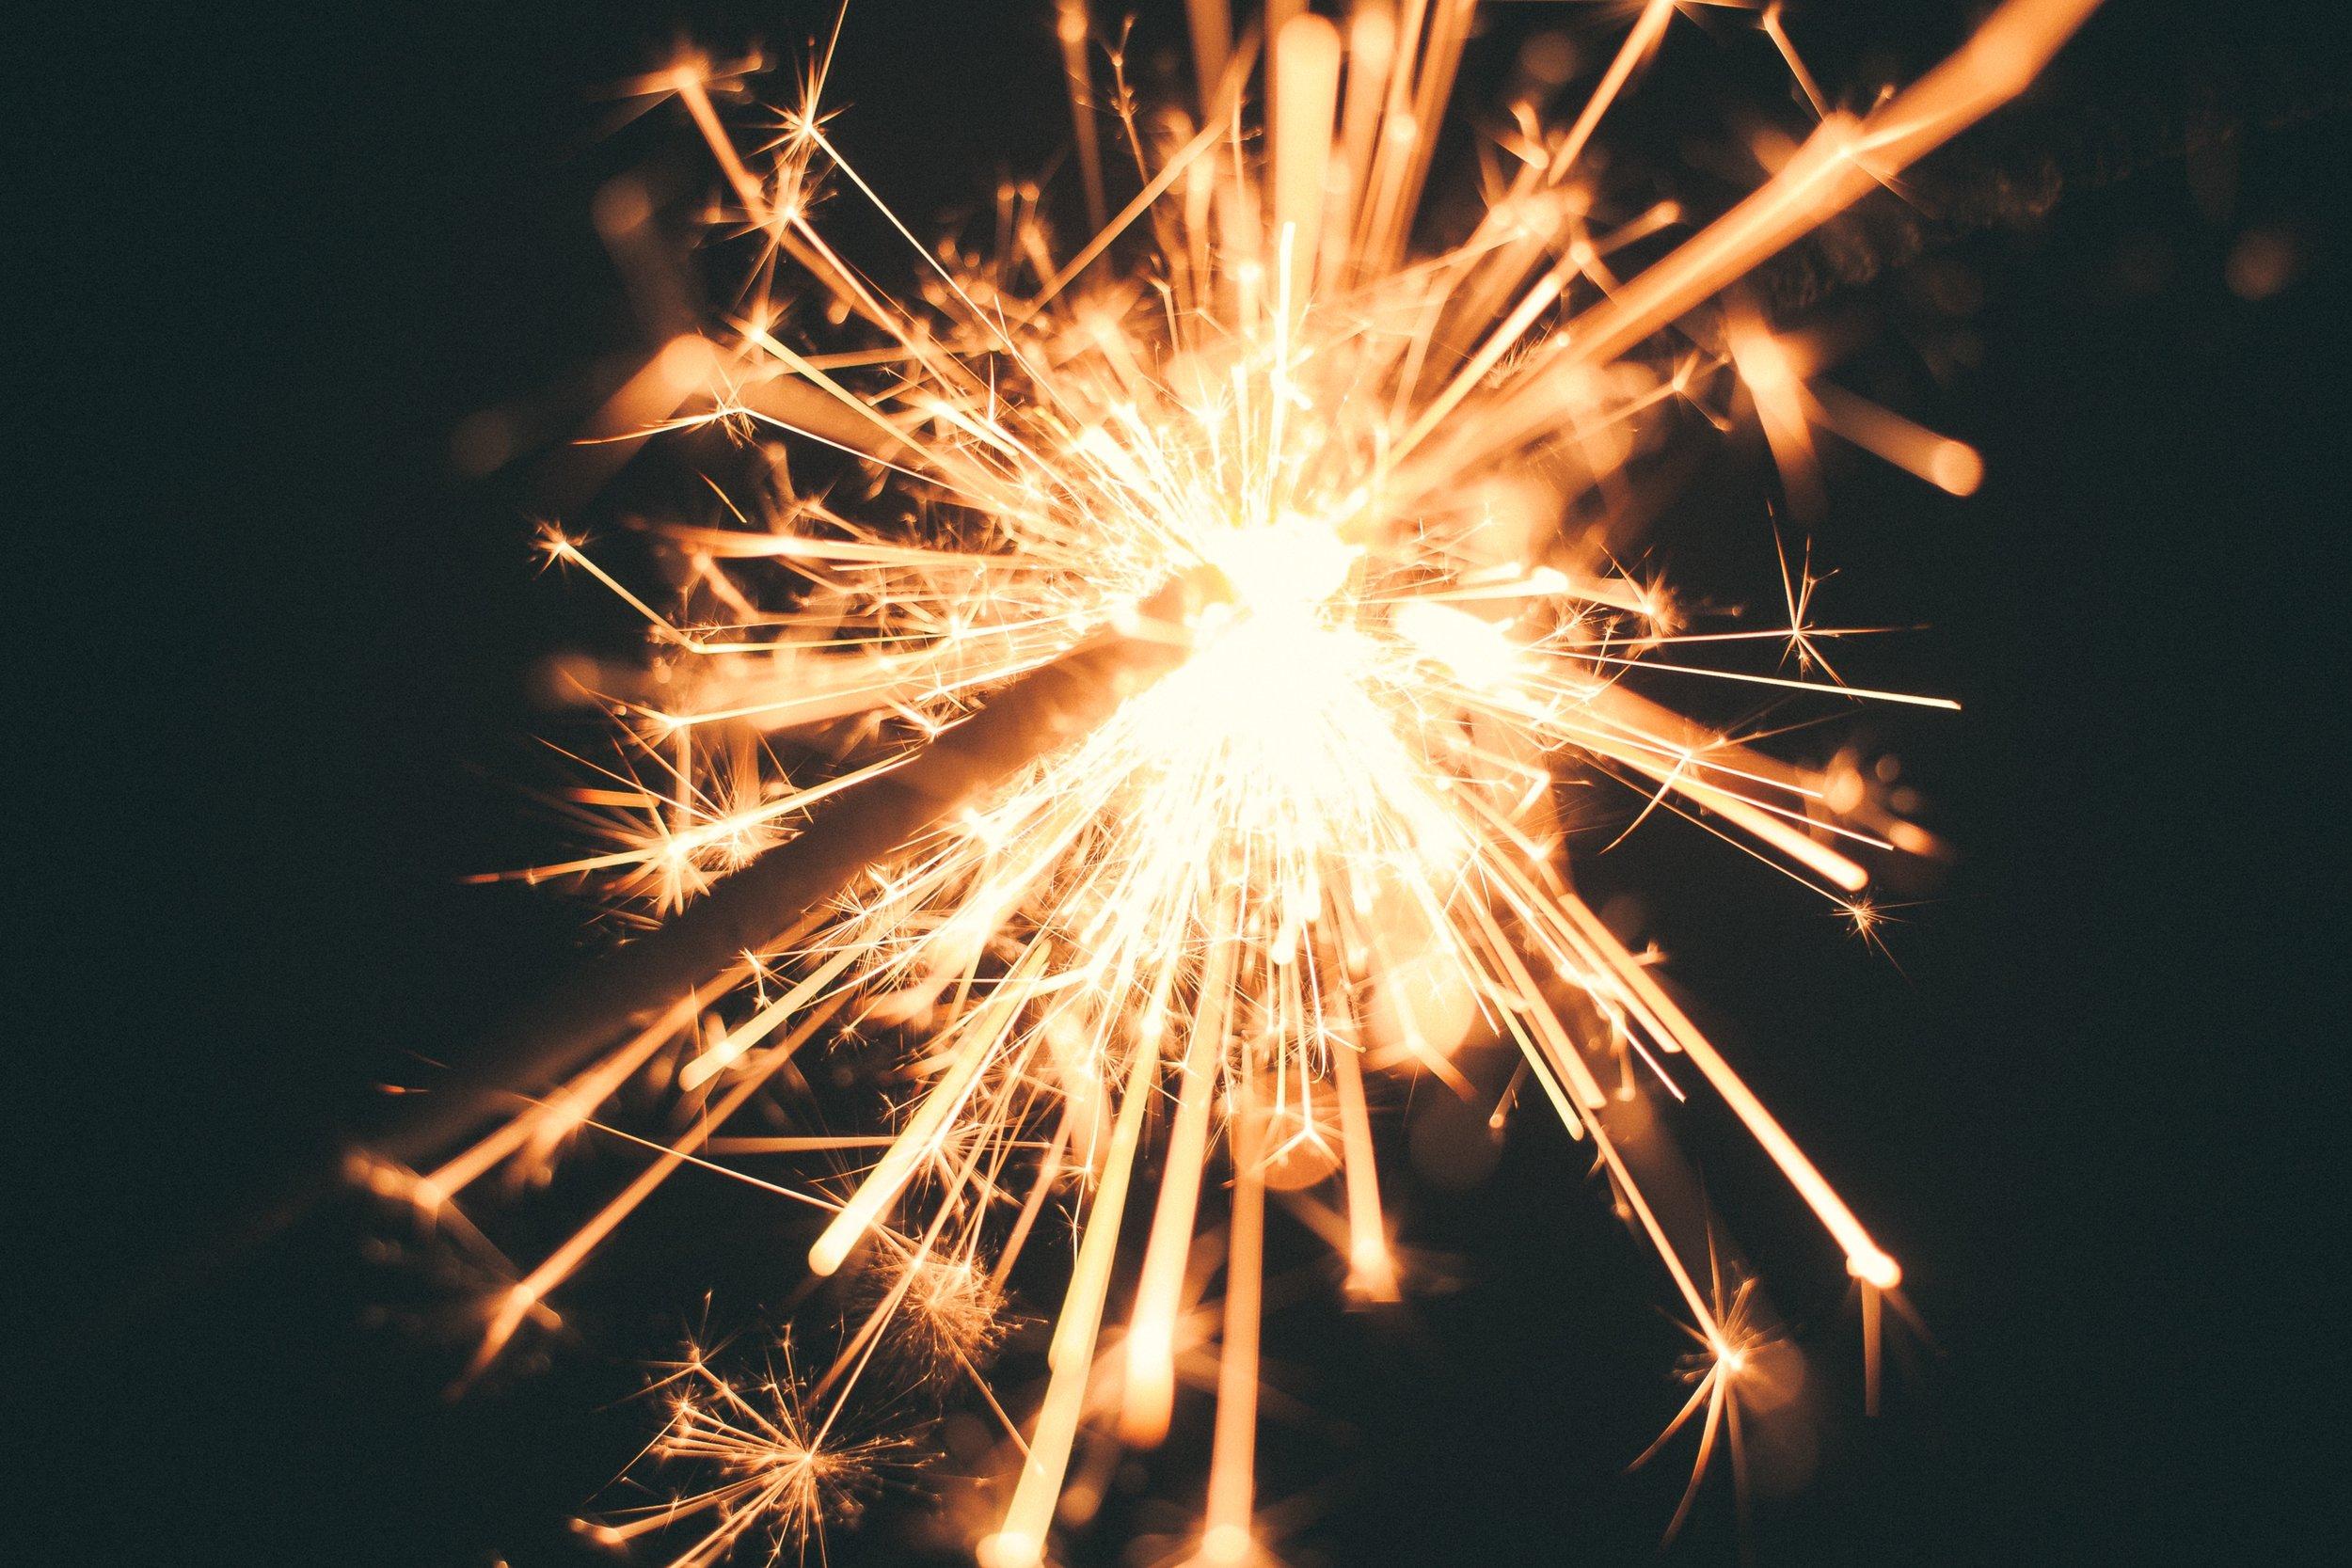 Fireworks, photo by Yasemin K on Unsplash